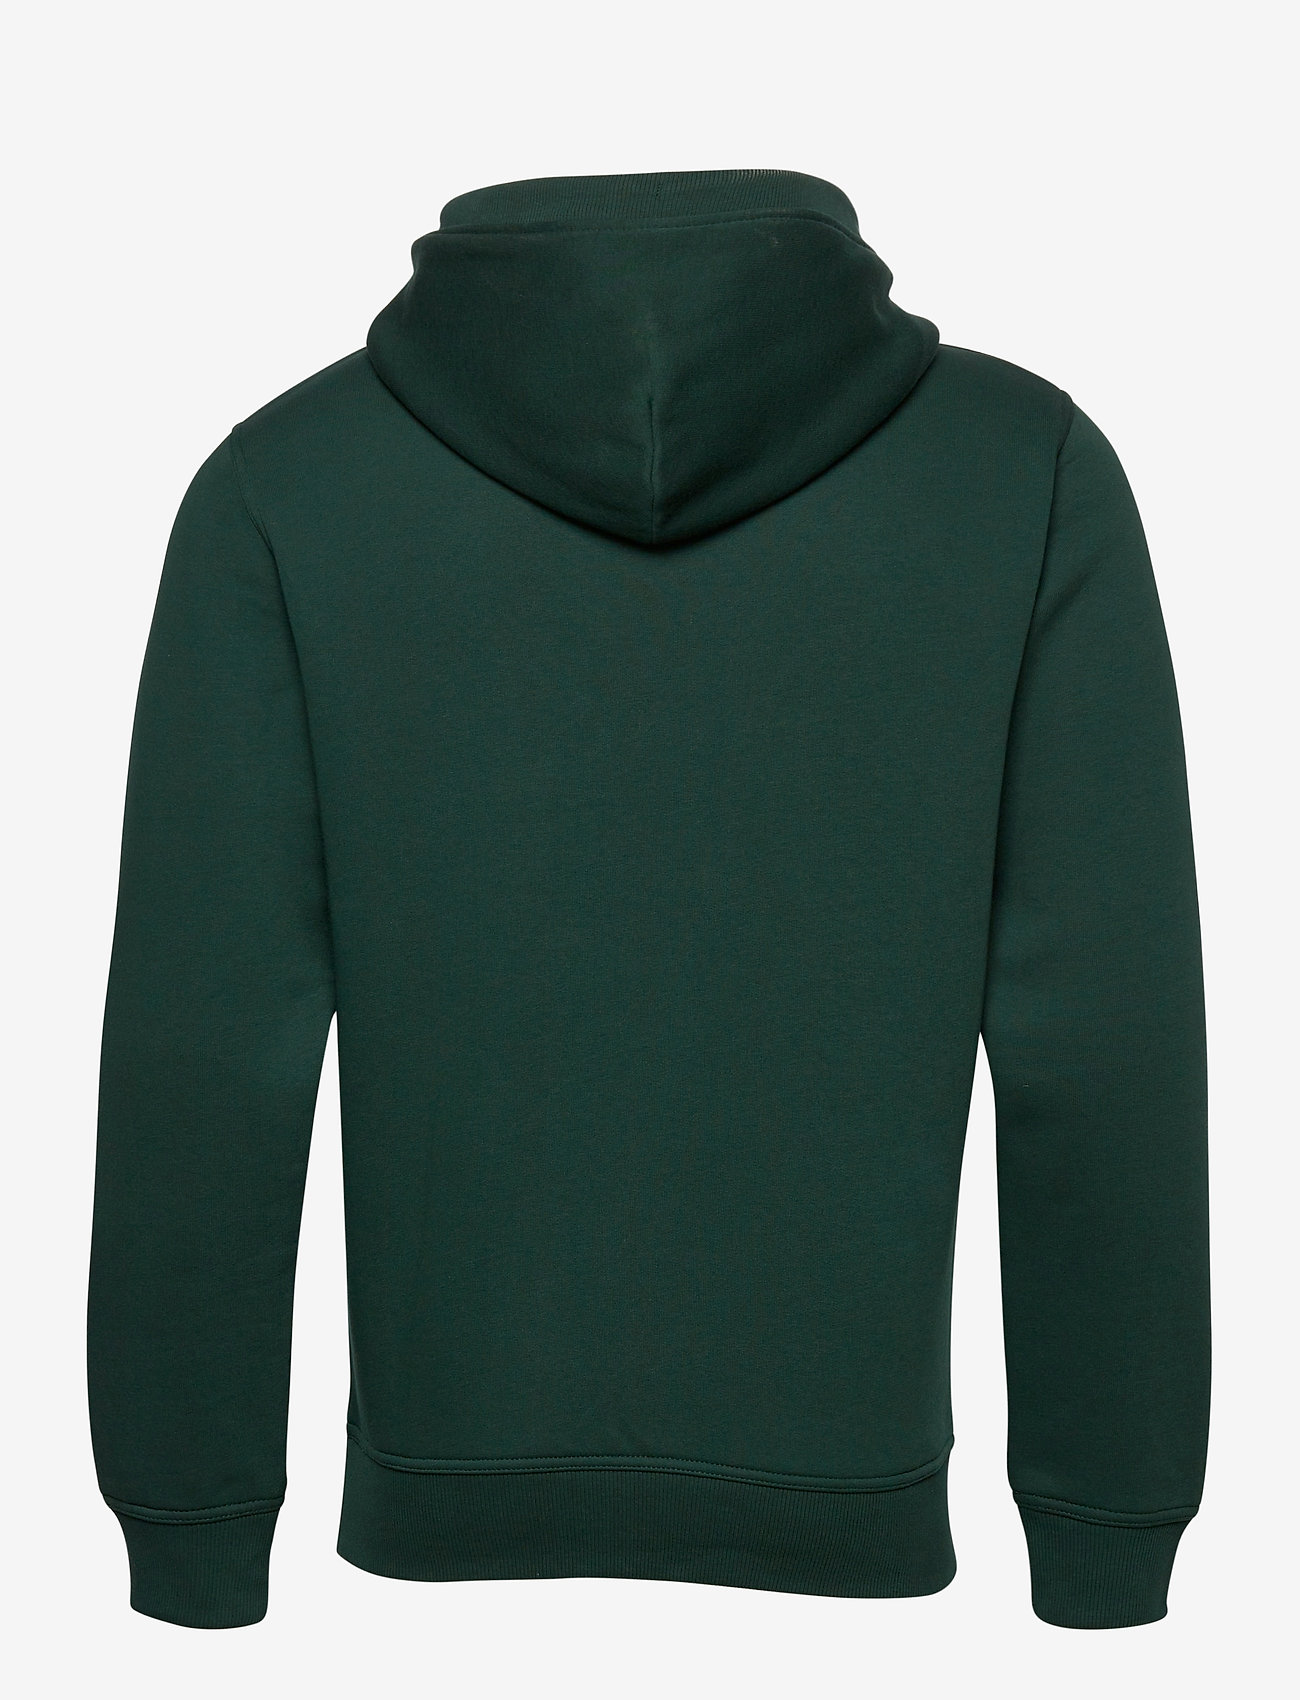 GANT - ARCHIVE SHIELD HOODIE - hoodies - tartan green - 1